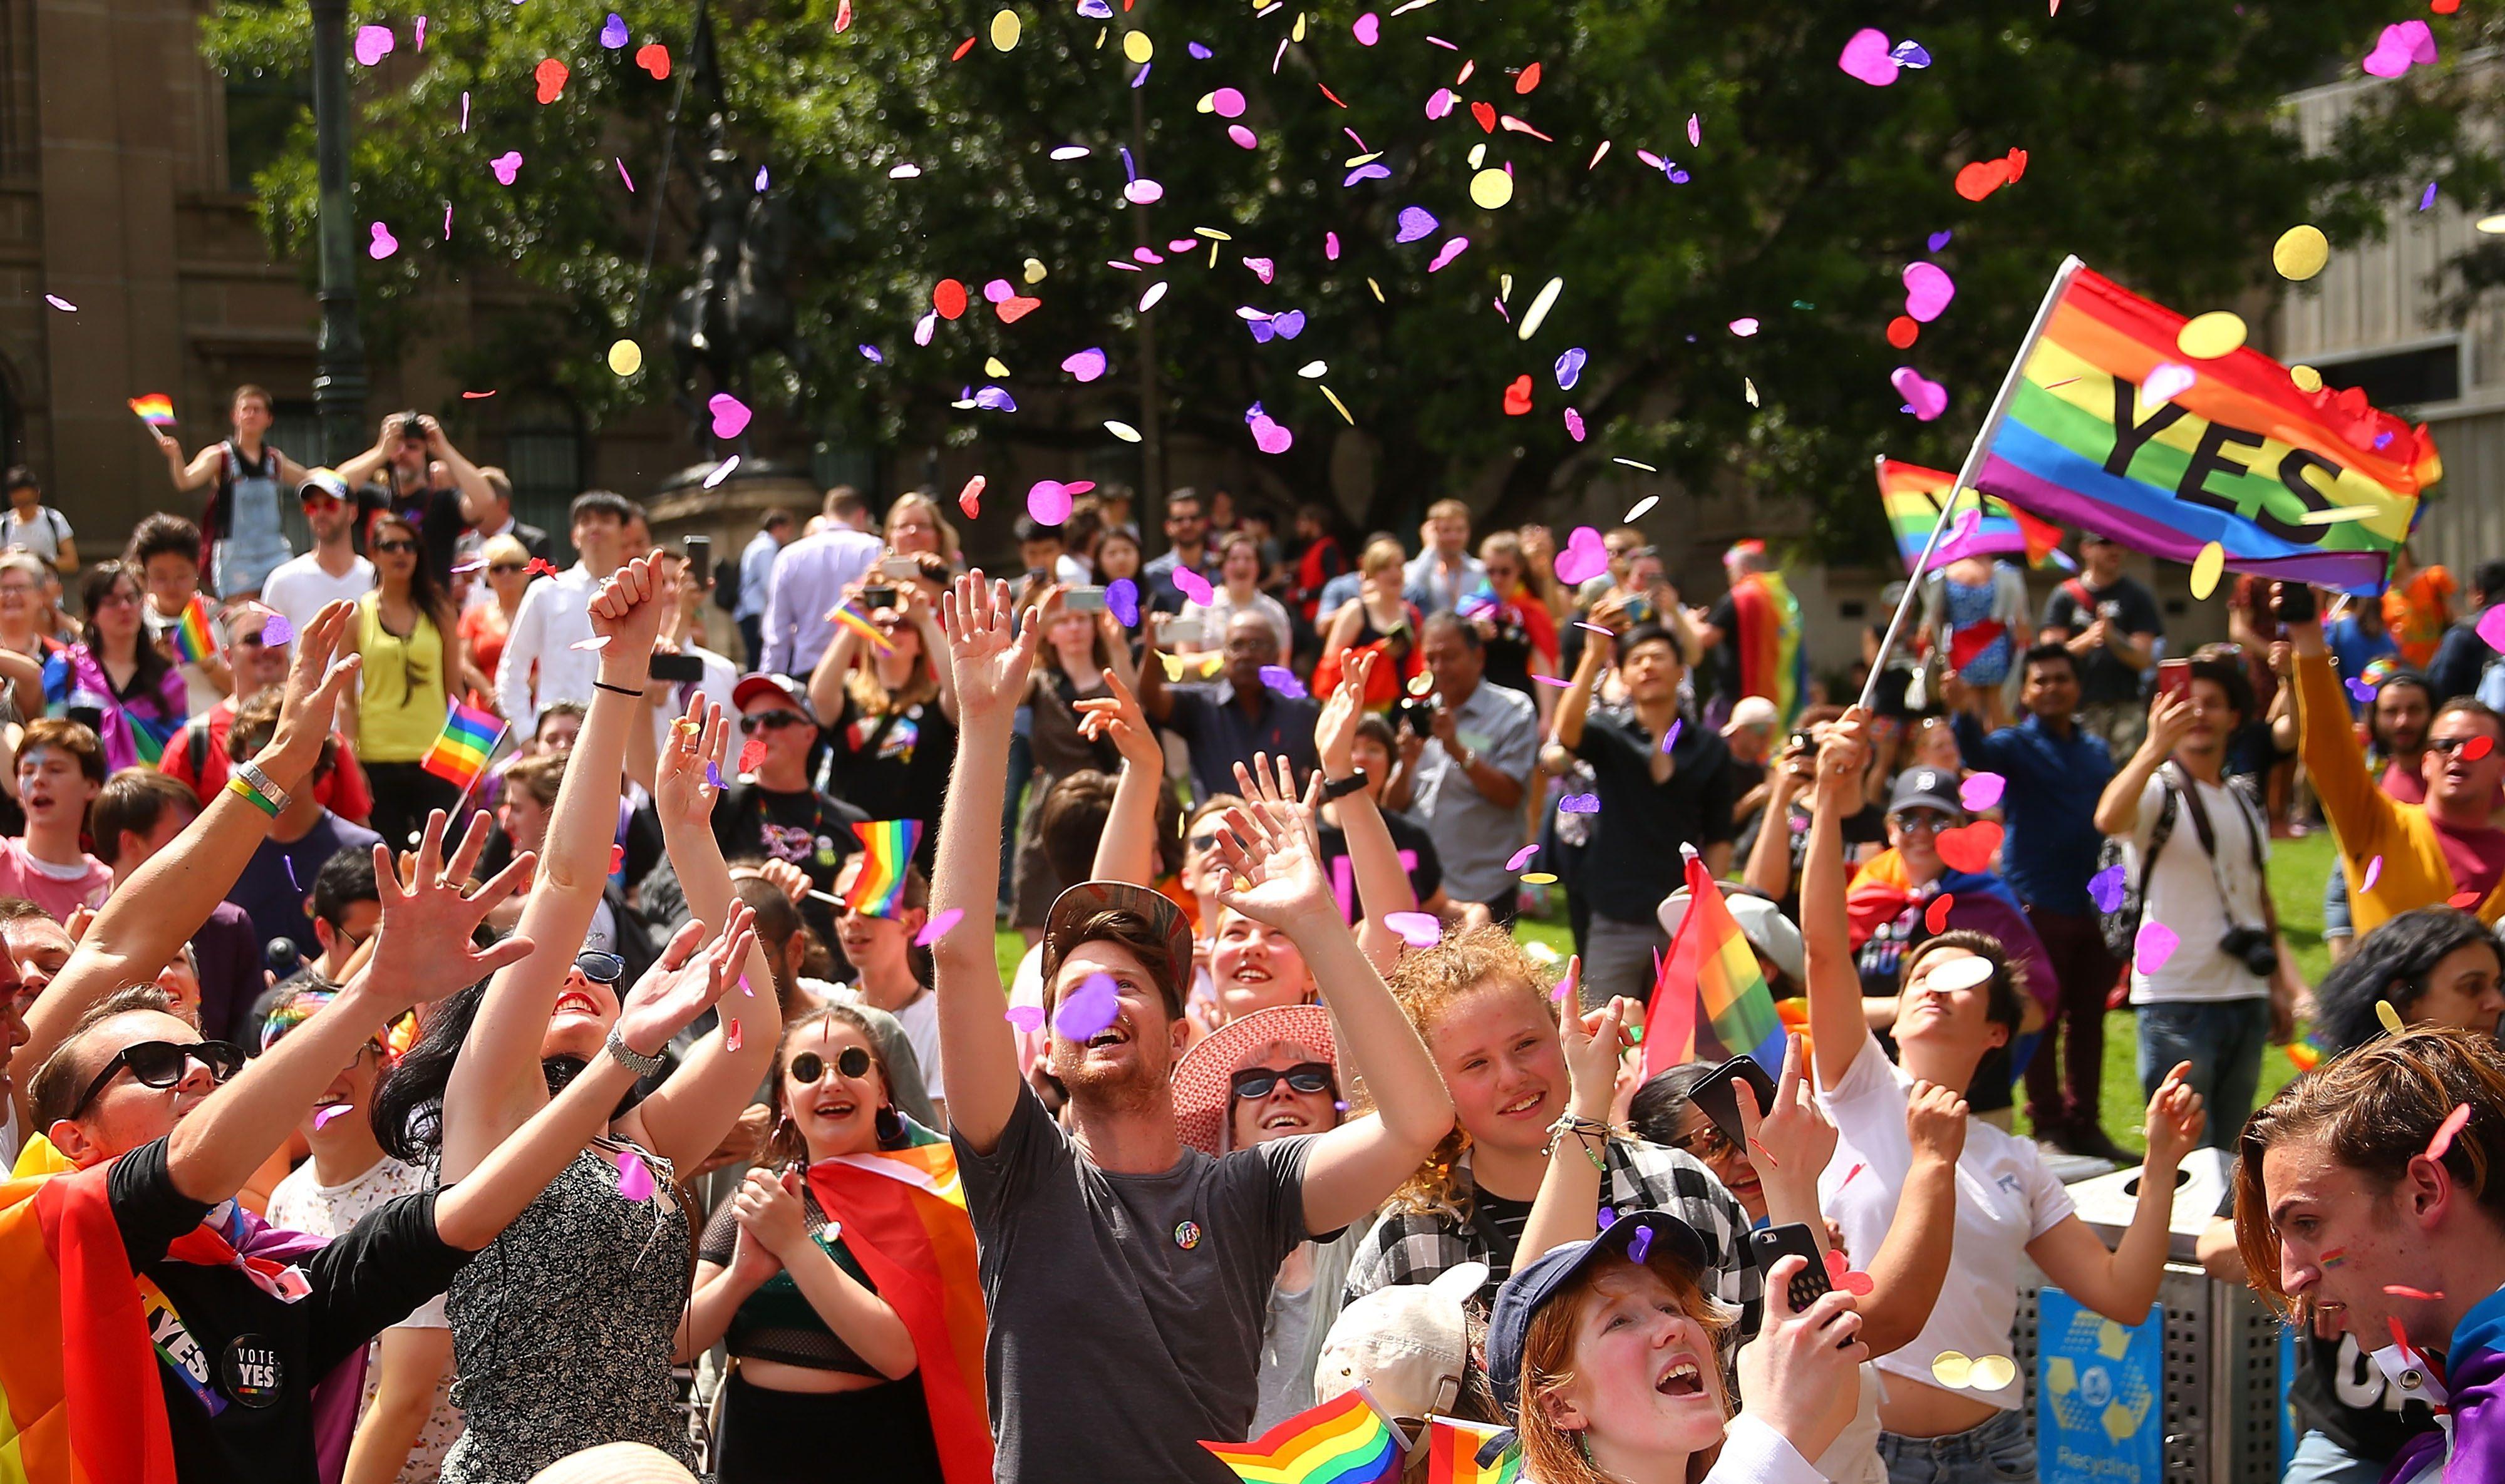 Sydney Festivali, Eşcinsel Evliliği Kutlamak İçin Büyük Bir Evlilik Resepsiyonu Verecek